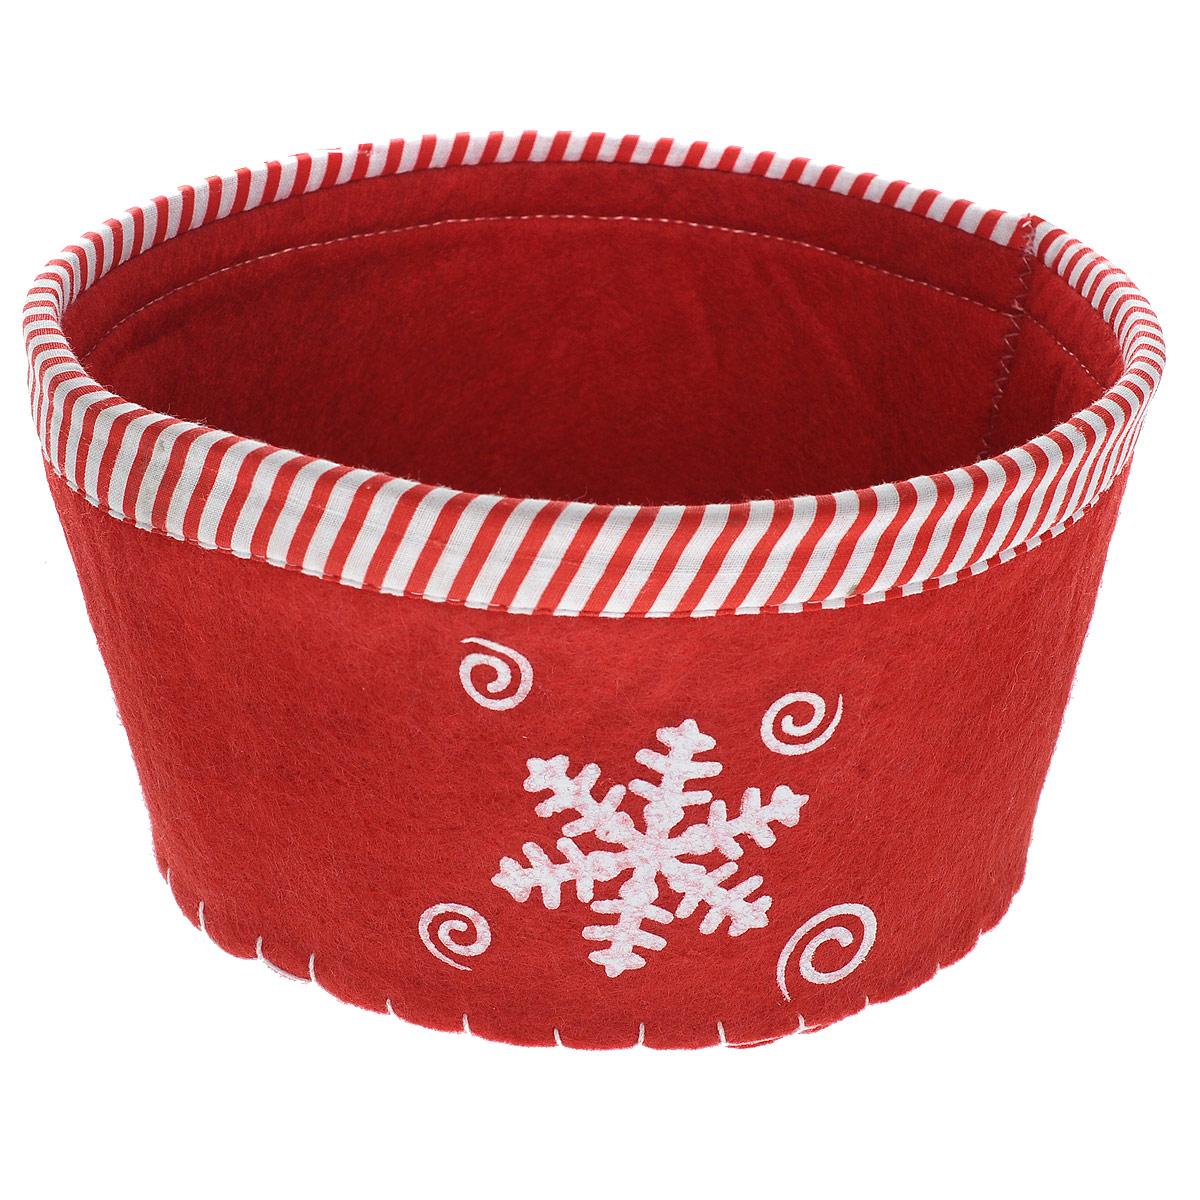 Сухарница House & Holder Снежинка, цвет: красный. 117003117003Оригинальная сухарница House & Holder Снежинка, выполненная из фетра, декорирована отстрочкой и текстильной окантовкой по краю, а также рисунком снежинки.Сухарница станет необычным дополнением к праздничному столу, послужит приятным и полезным сувениром для близких и родных.